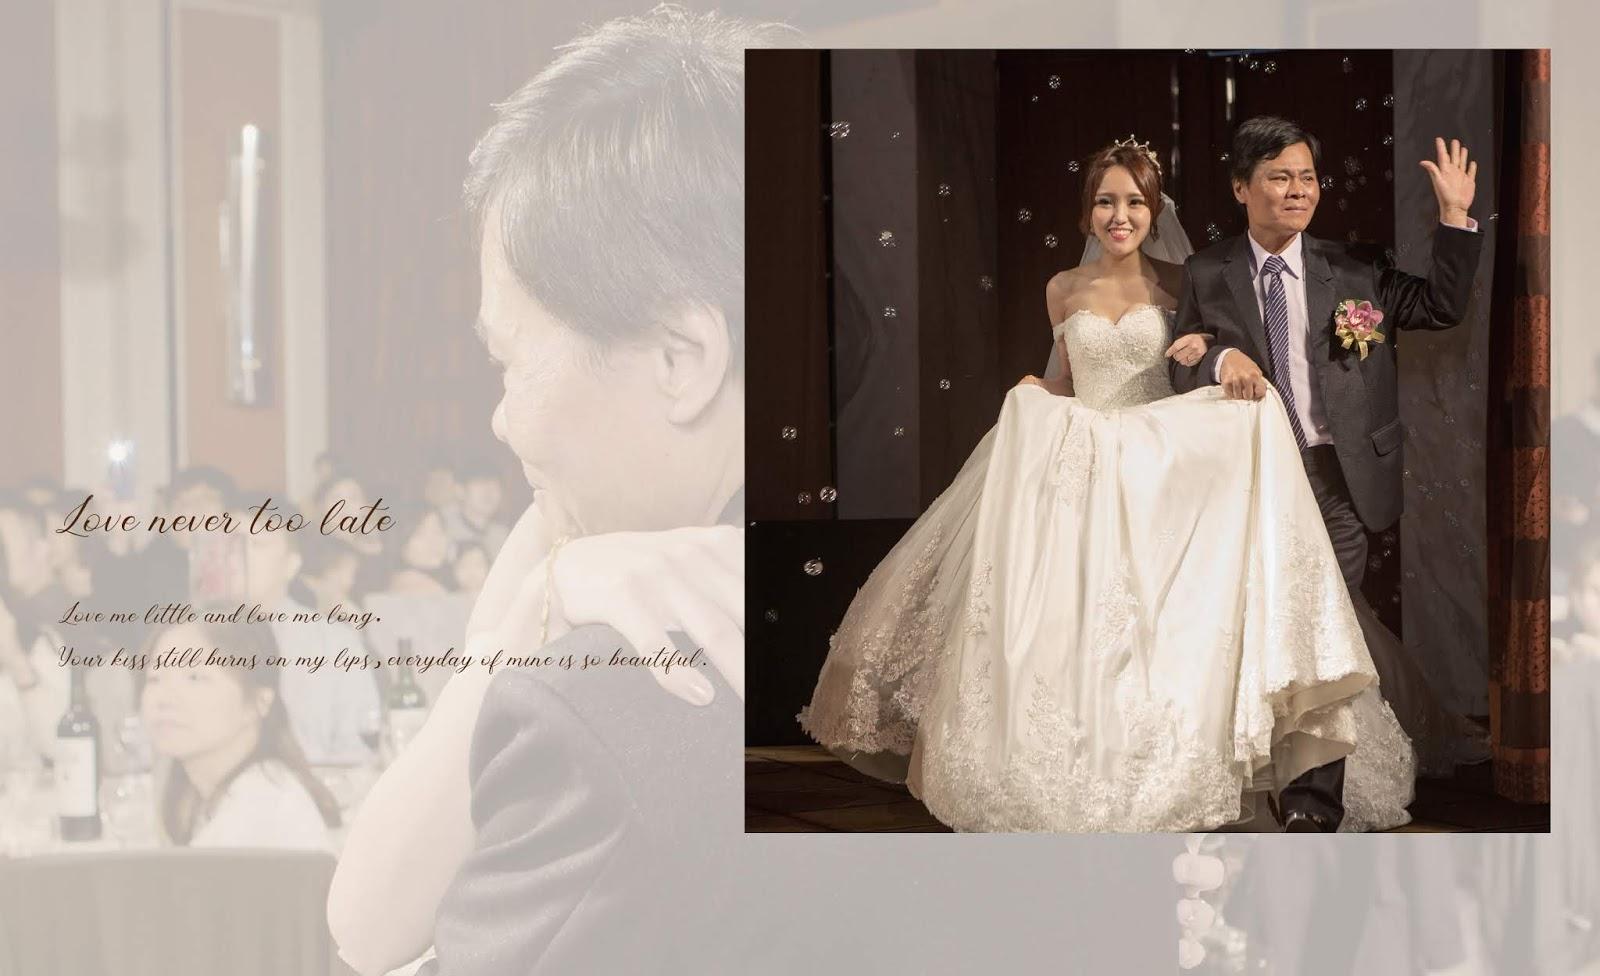 崑視覺工作坊,婚禮攝影作品